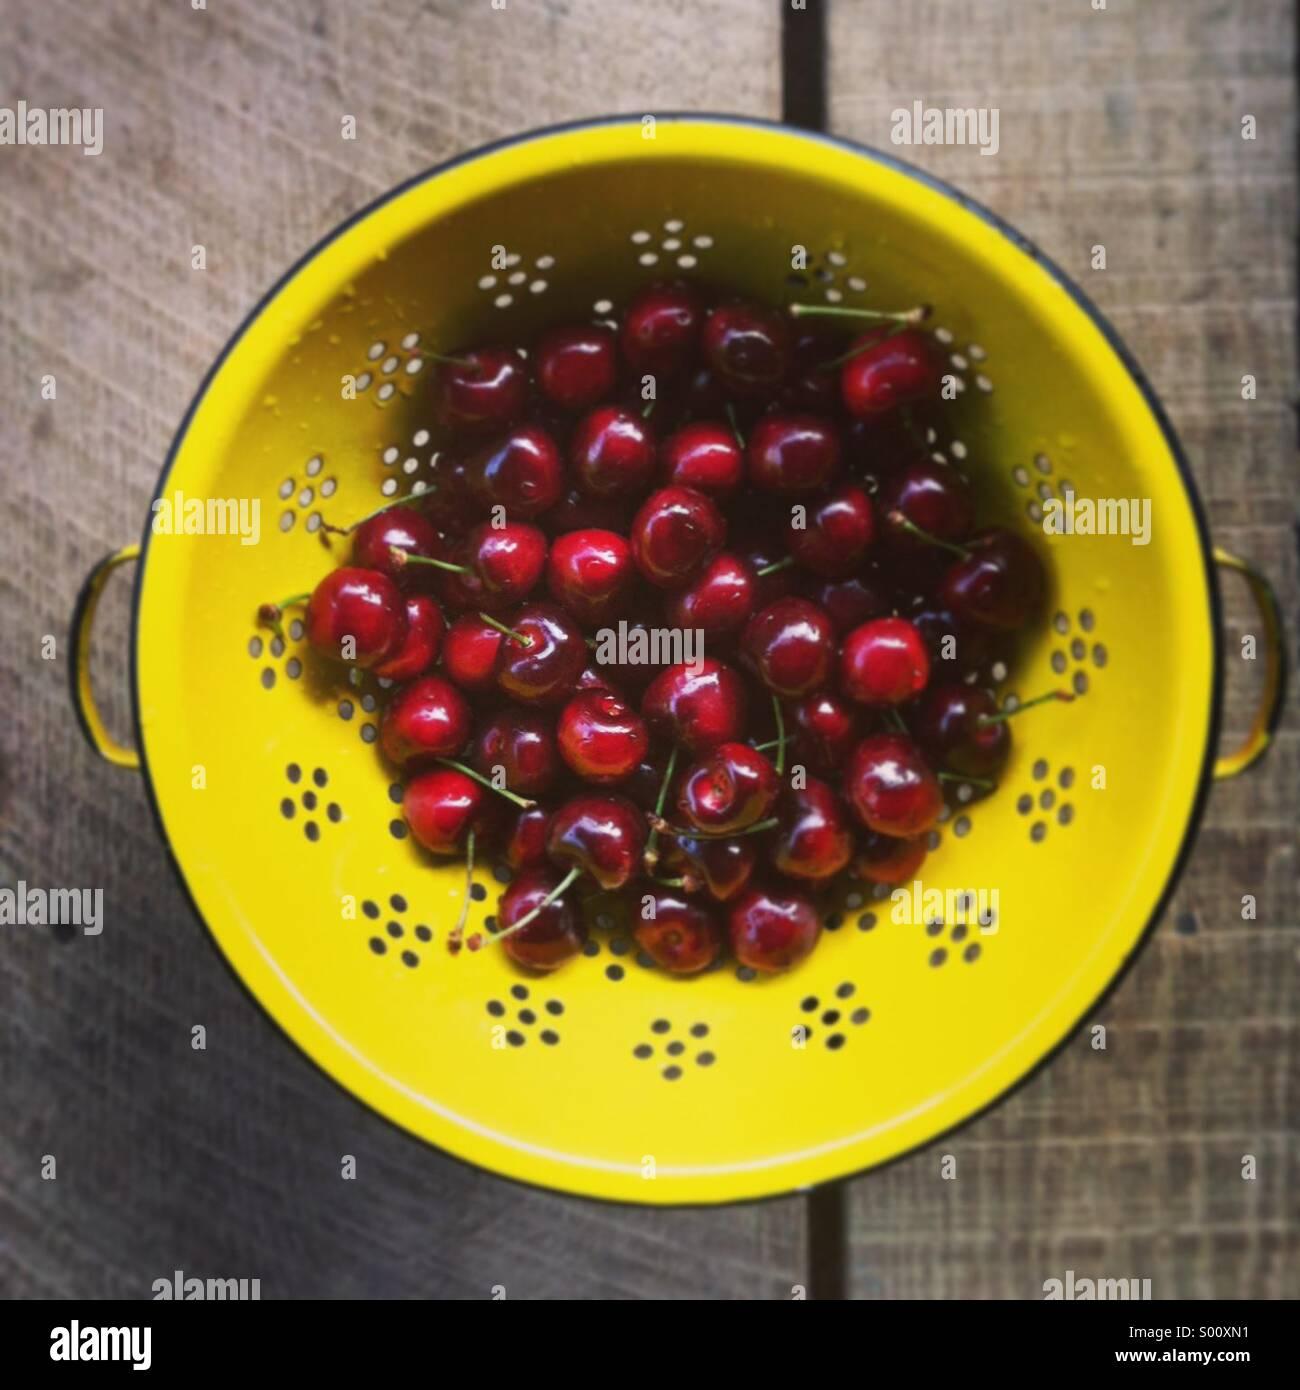 Fresh cherries - Stock Image